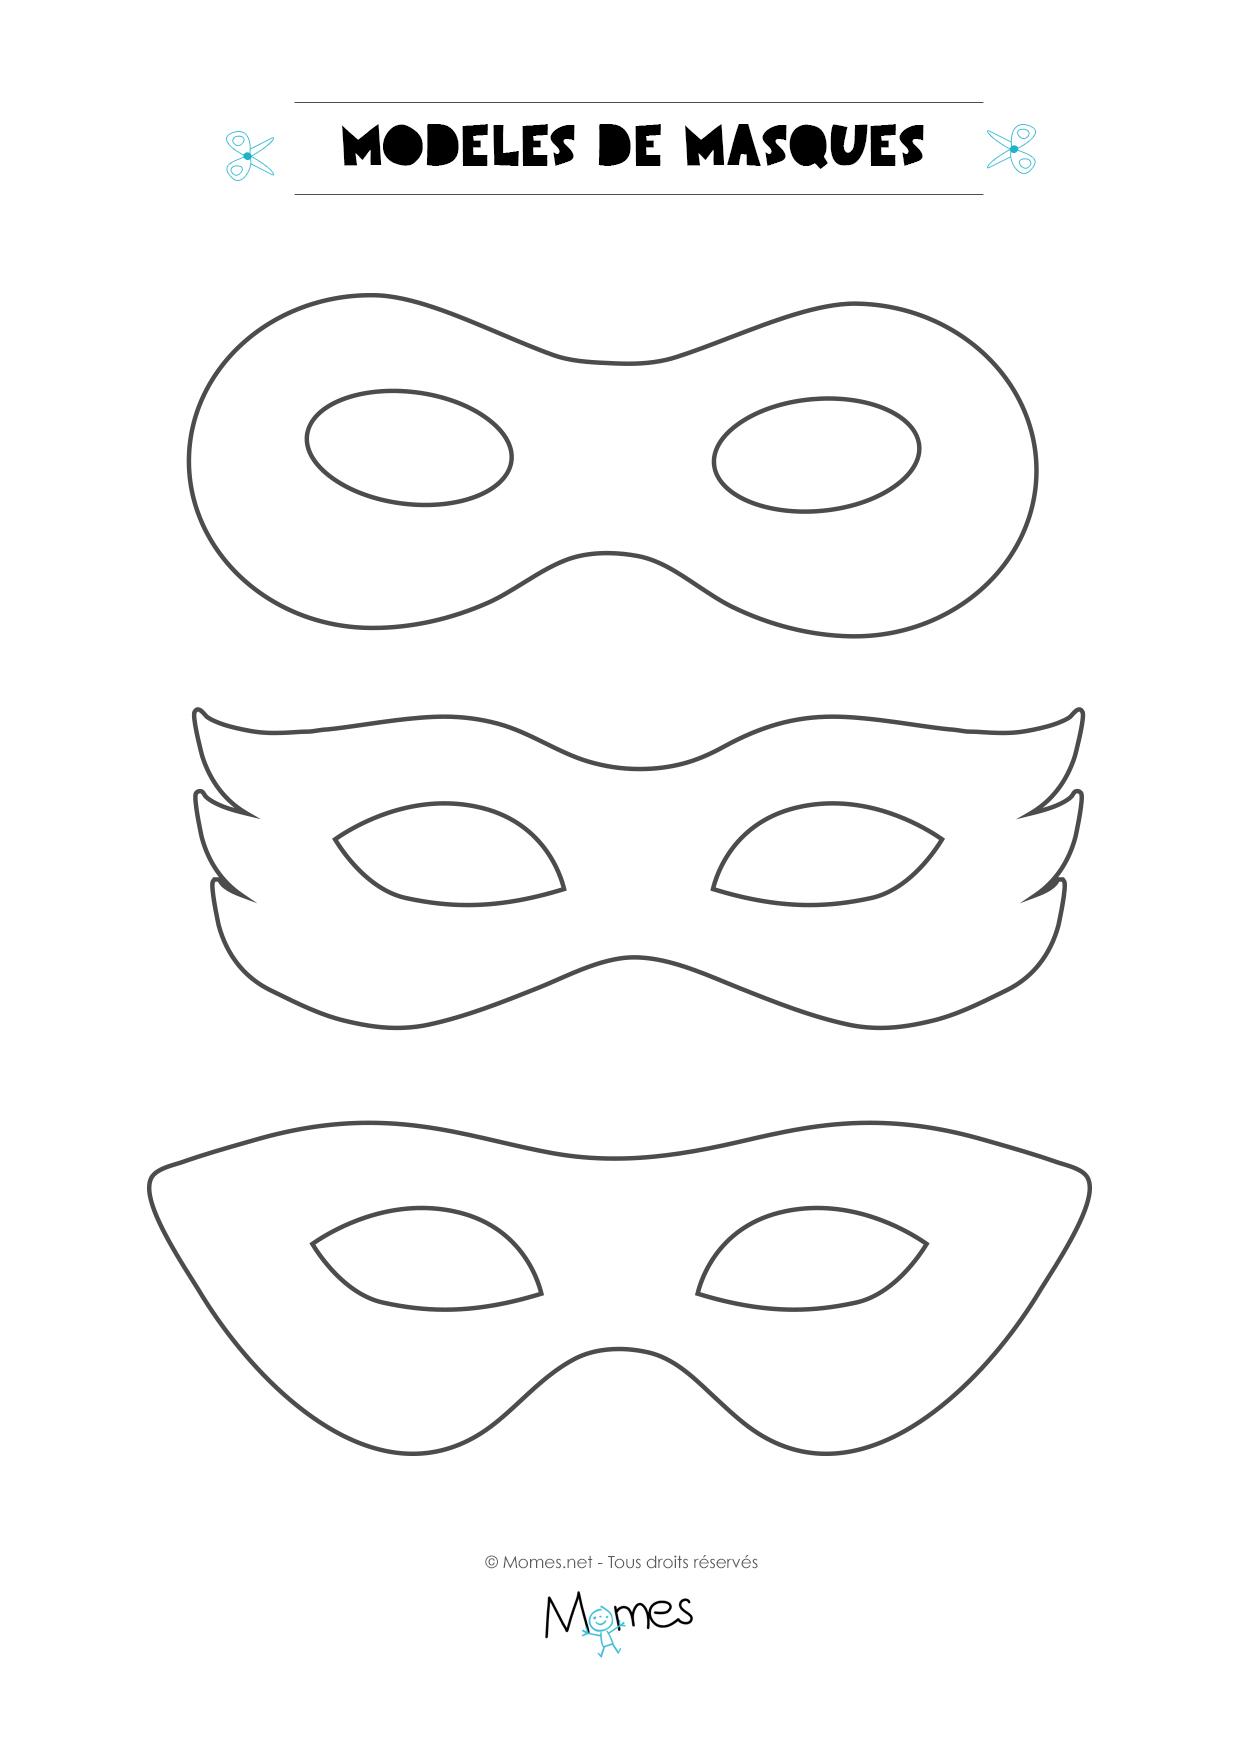 Coloriage Carnaval A Imprimer Pdf.6 Modeles De Masques Pour Le Carnaval Momes Net